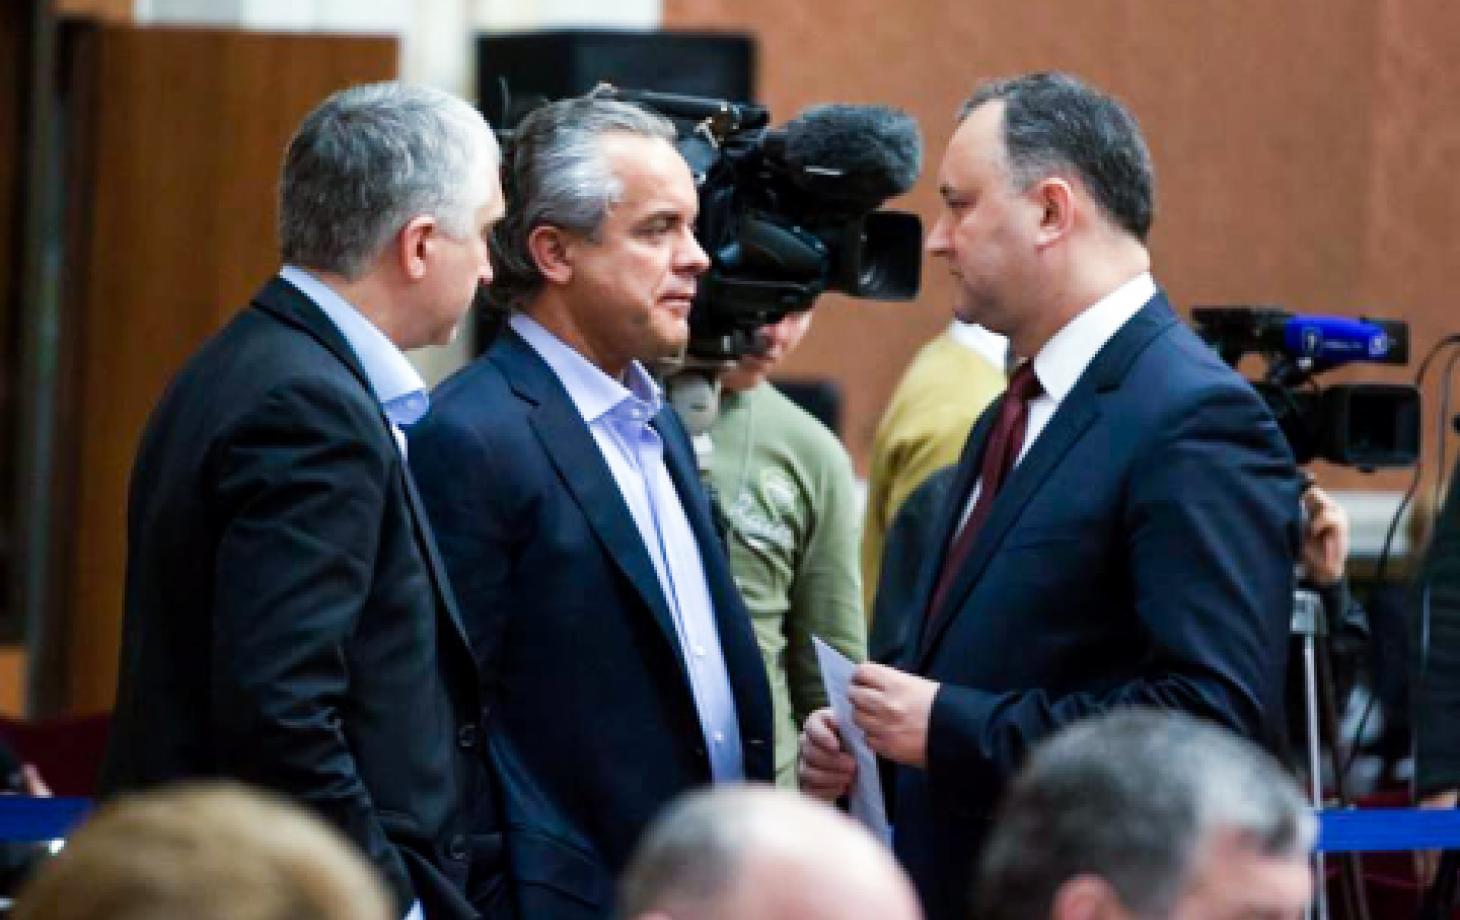 Молдавия: Додон и Плахотнюк шагают навстречу